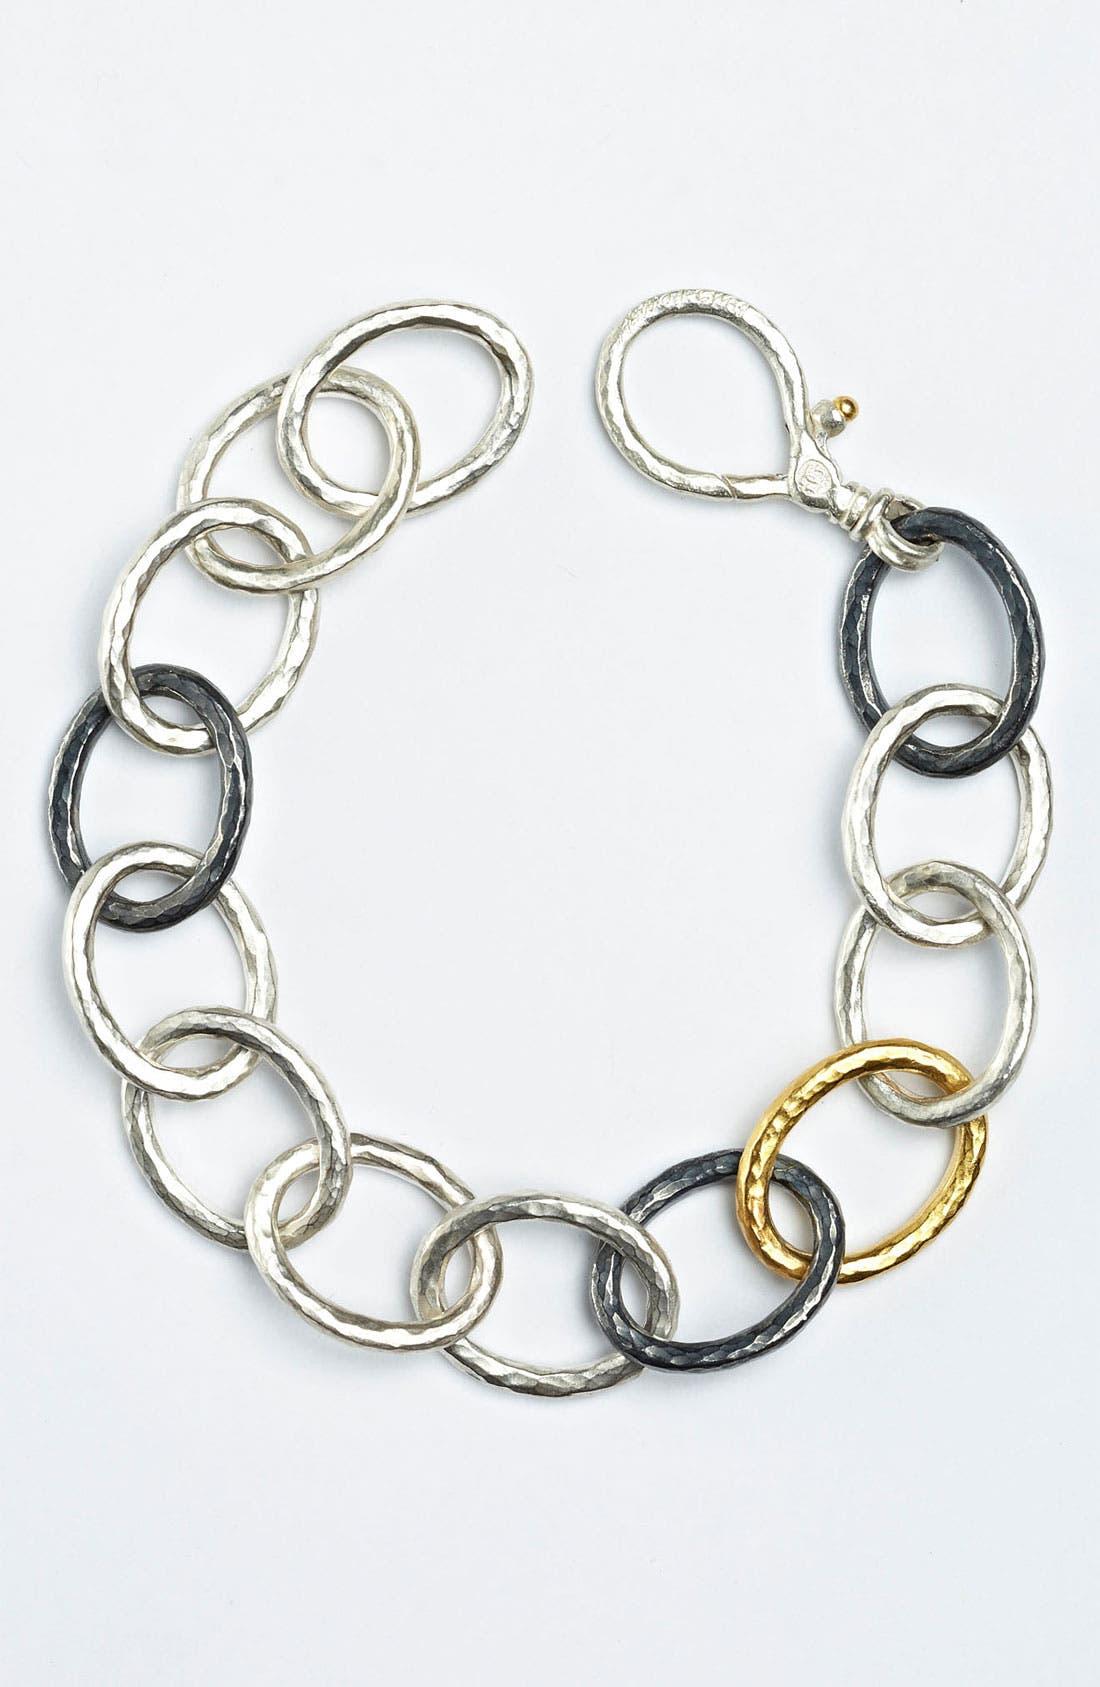 Alternate Image 1 Selected - Gurhan 'Hoopla' Oval Link Bracelet